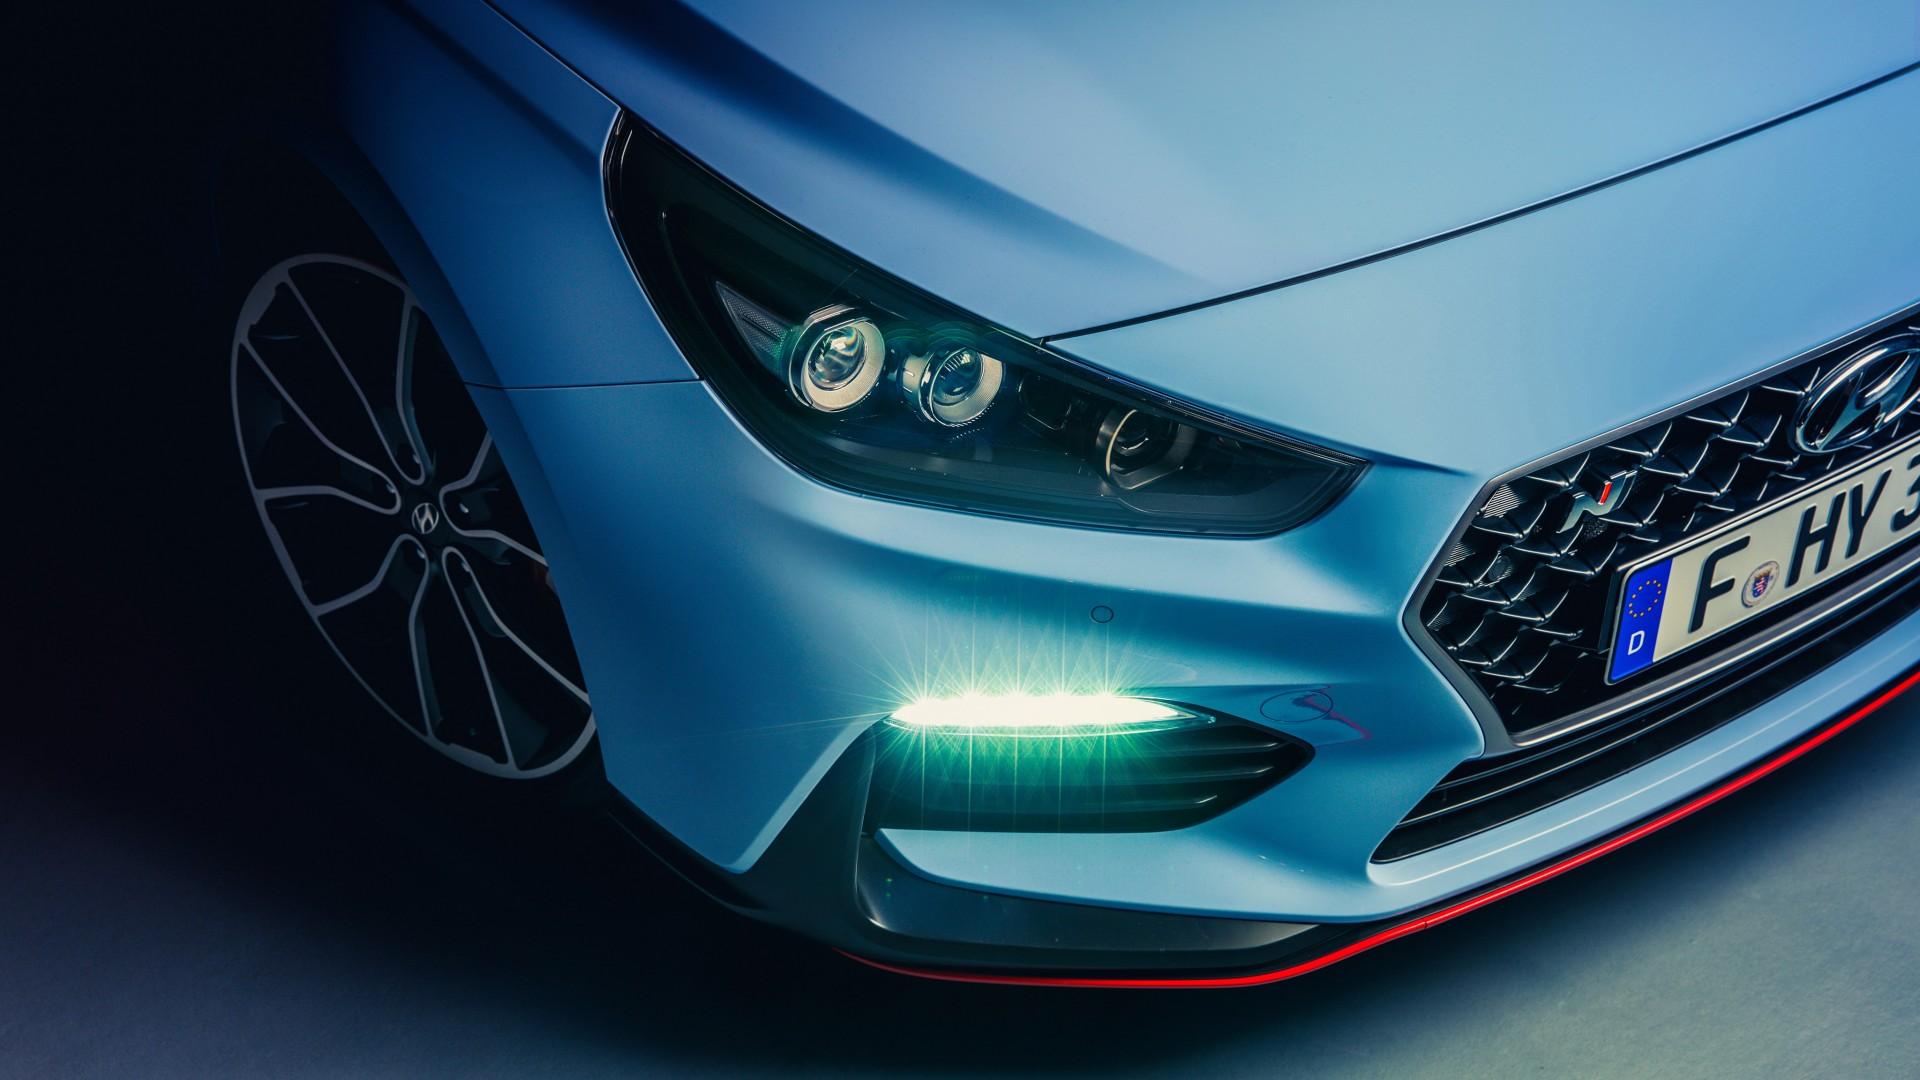 Honda Santa Fe >> Hyundai i30 N 2017 4K Wallpaper | HD Car Wallpapers | ID #7969